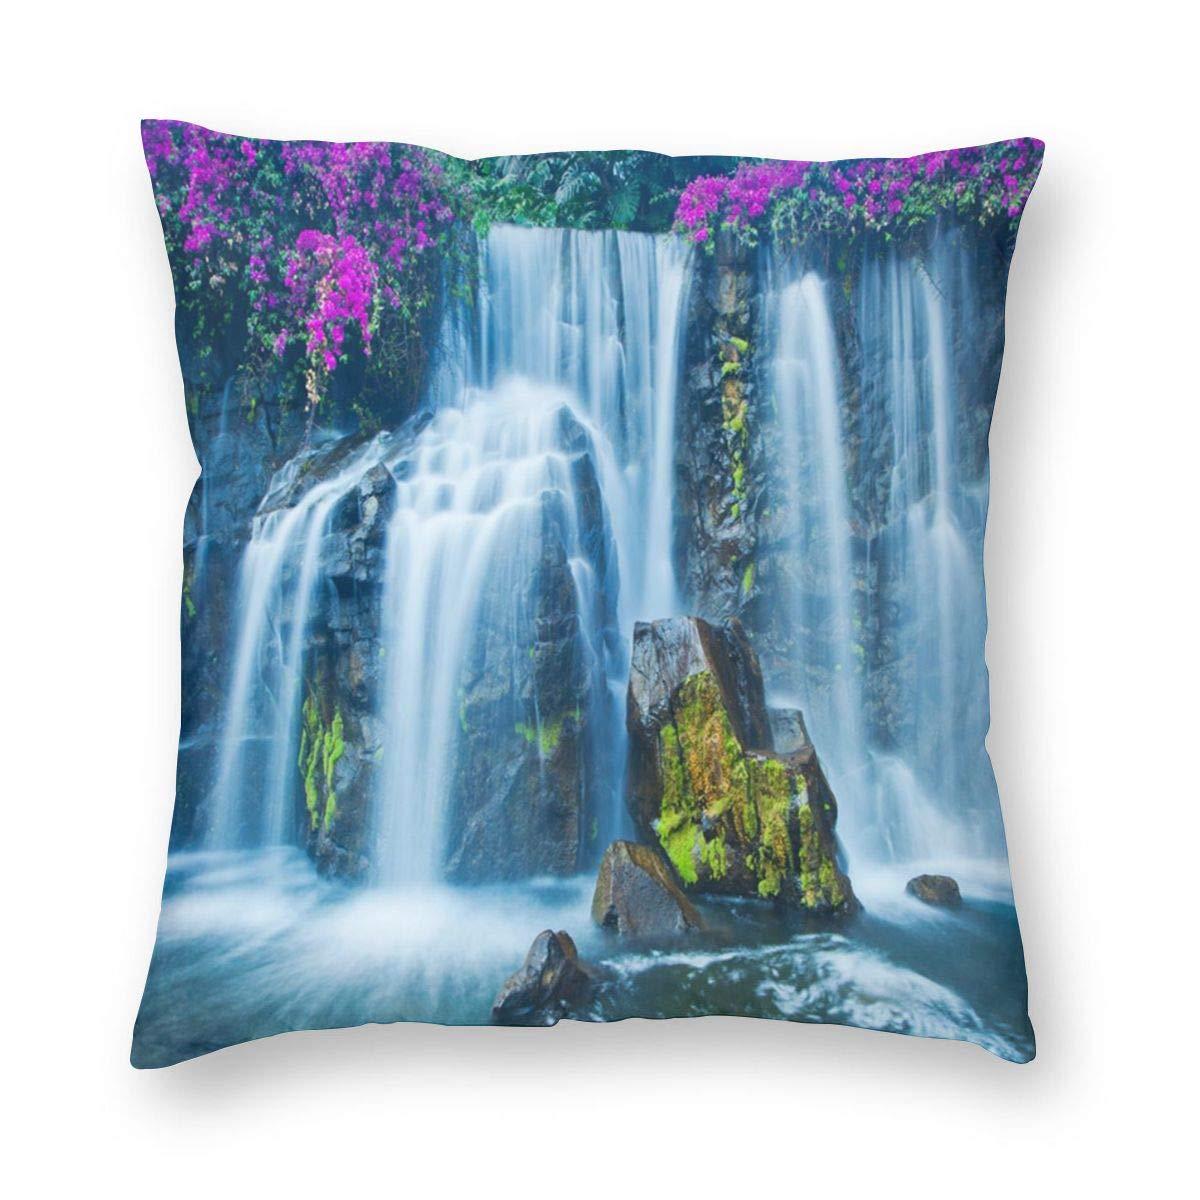 厚い毛布ソフトふわふわコージー暖かいラッシェルブルーナイトパターンソファベッド毛布を投げる (サイズ さいず : 175*215cm) B07HL3W1W6  175*215cm